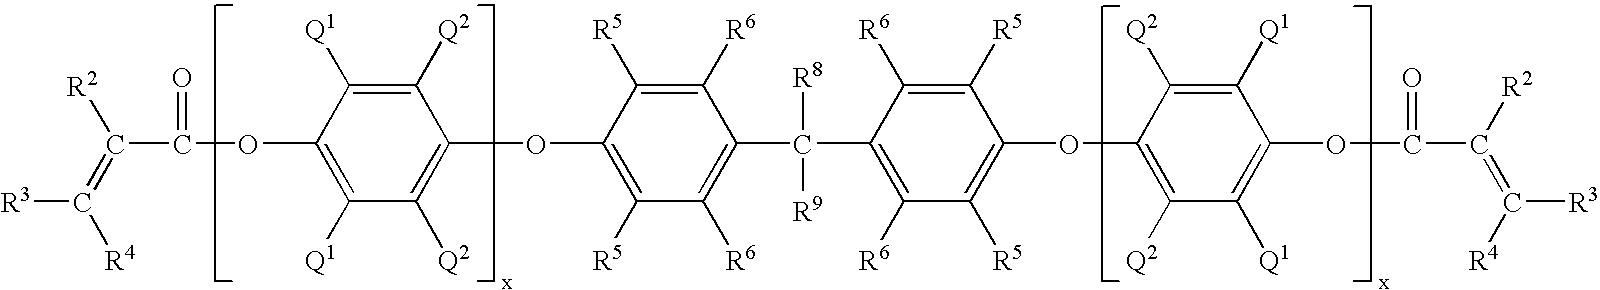 Figure US20080051522A1-20080228-C00028